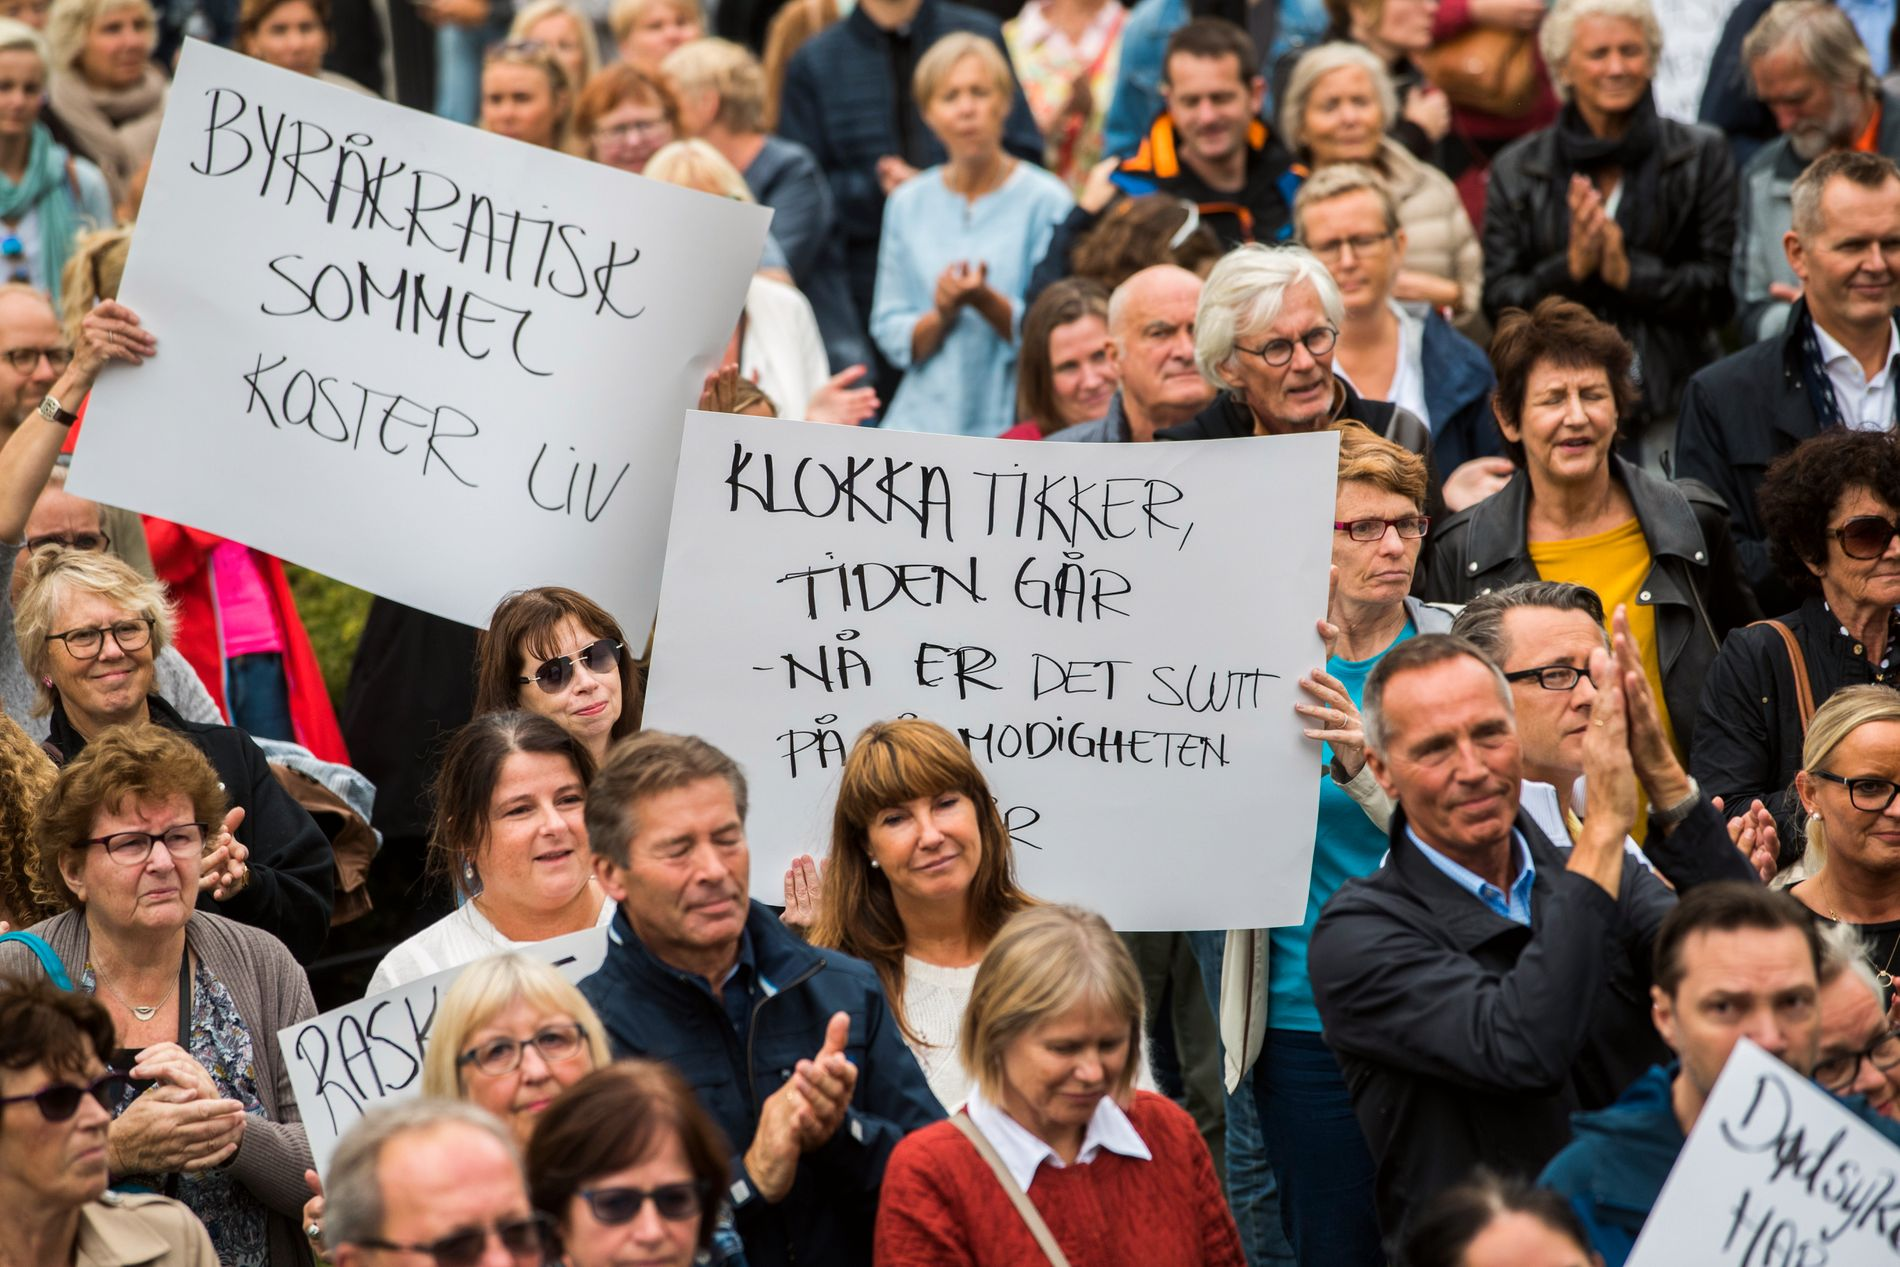 OPPROP: I august 2017 demonstrerte kreftsyke og pårørende foran Stortinget i Oslo for godkjenning av livreddende medikamenter for bruk på norske sykehus.